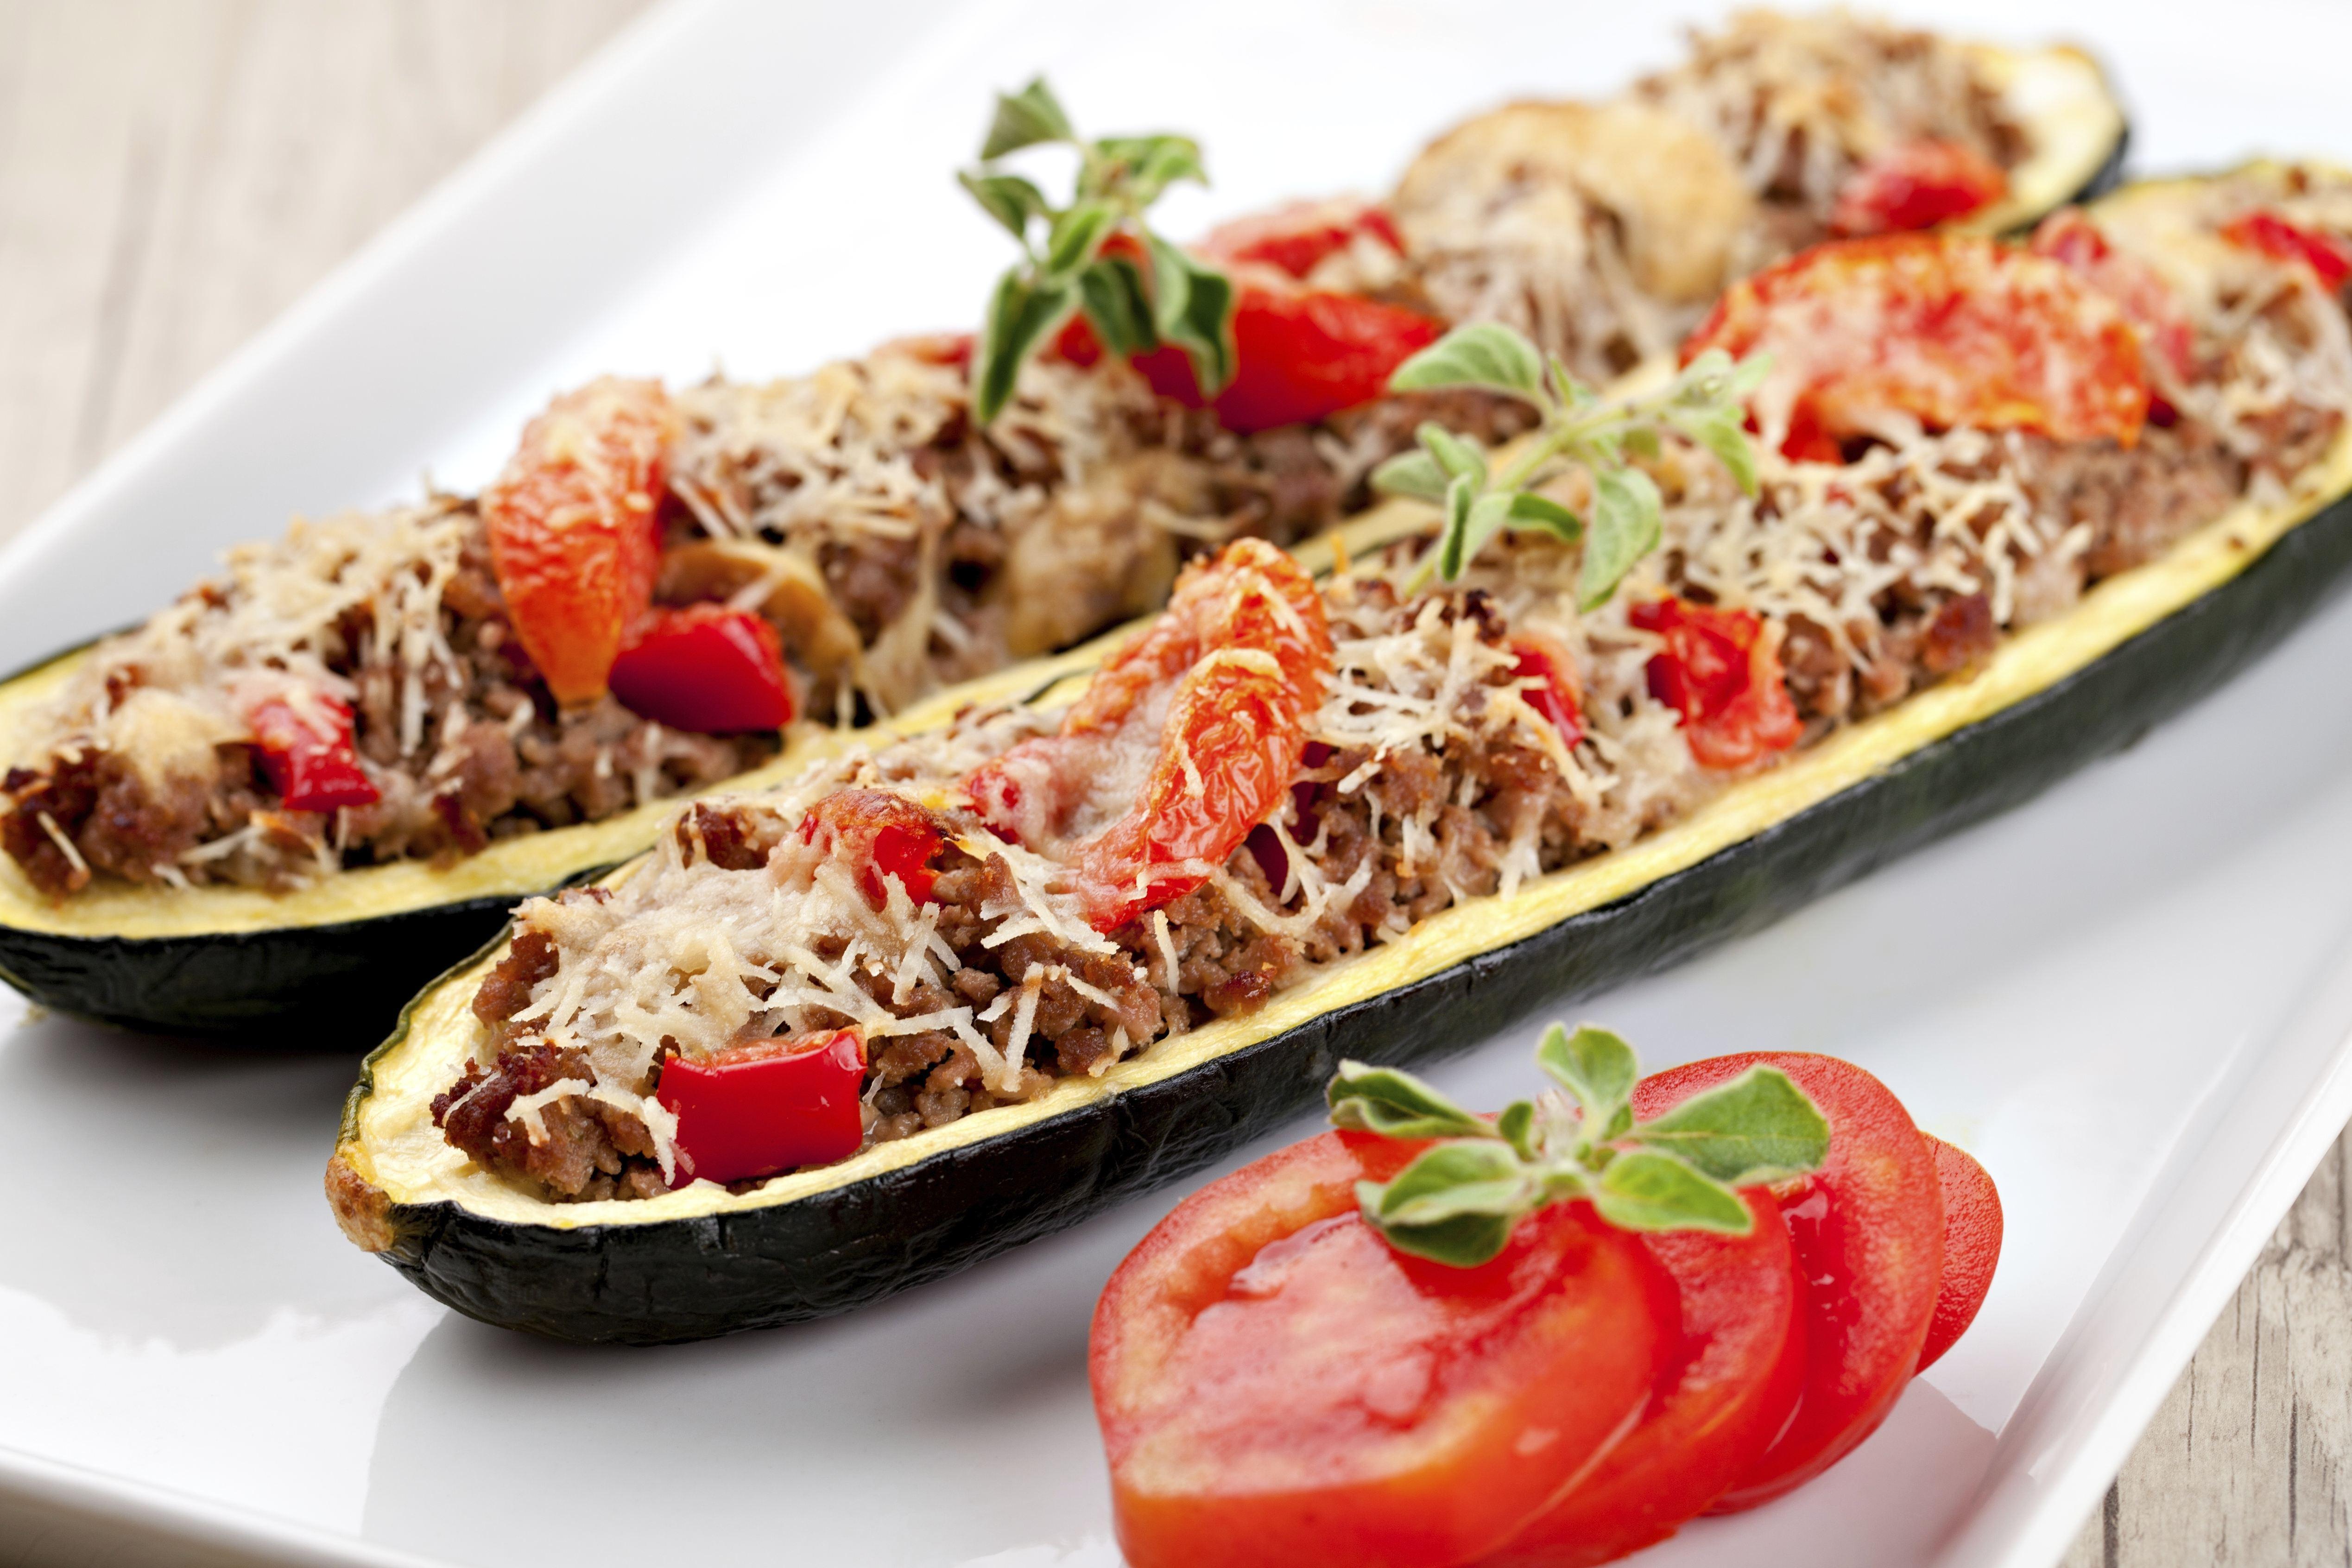 Idee recette avec courgette un site culinaire populaire - Recette de cuisine avec des courgettes ...